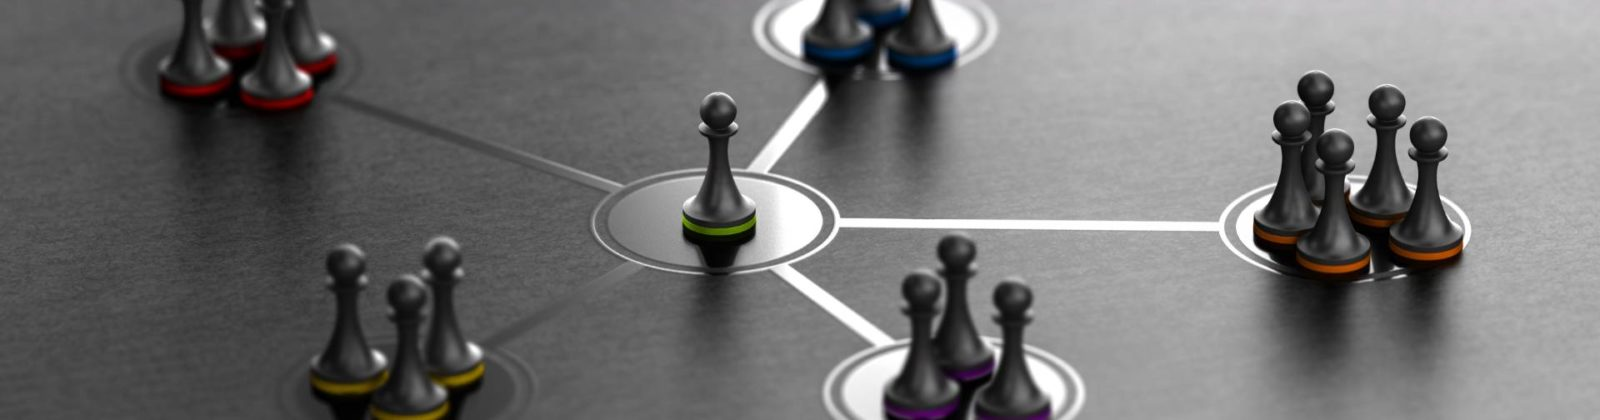 Herramientas de redes sociales para community managers